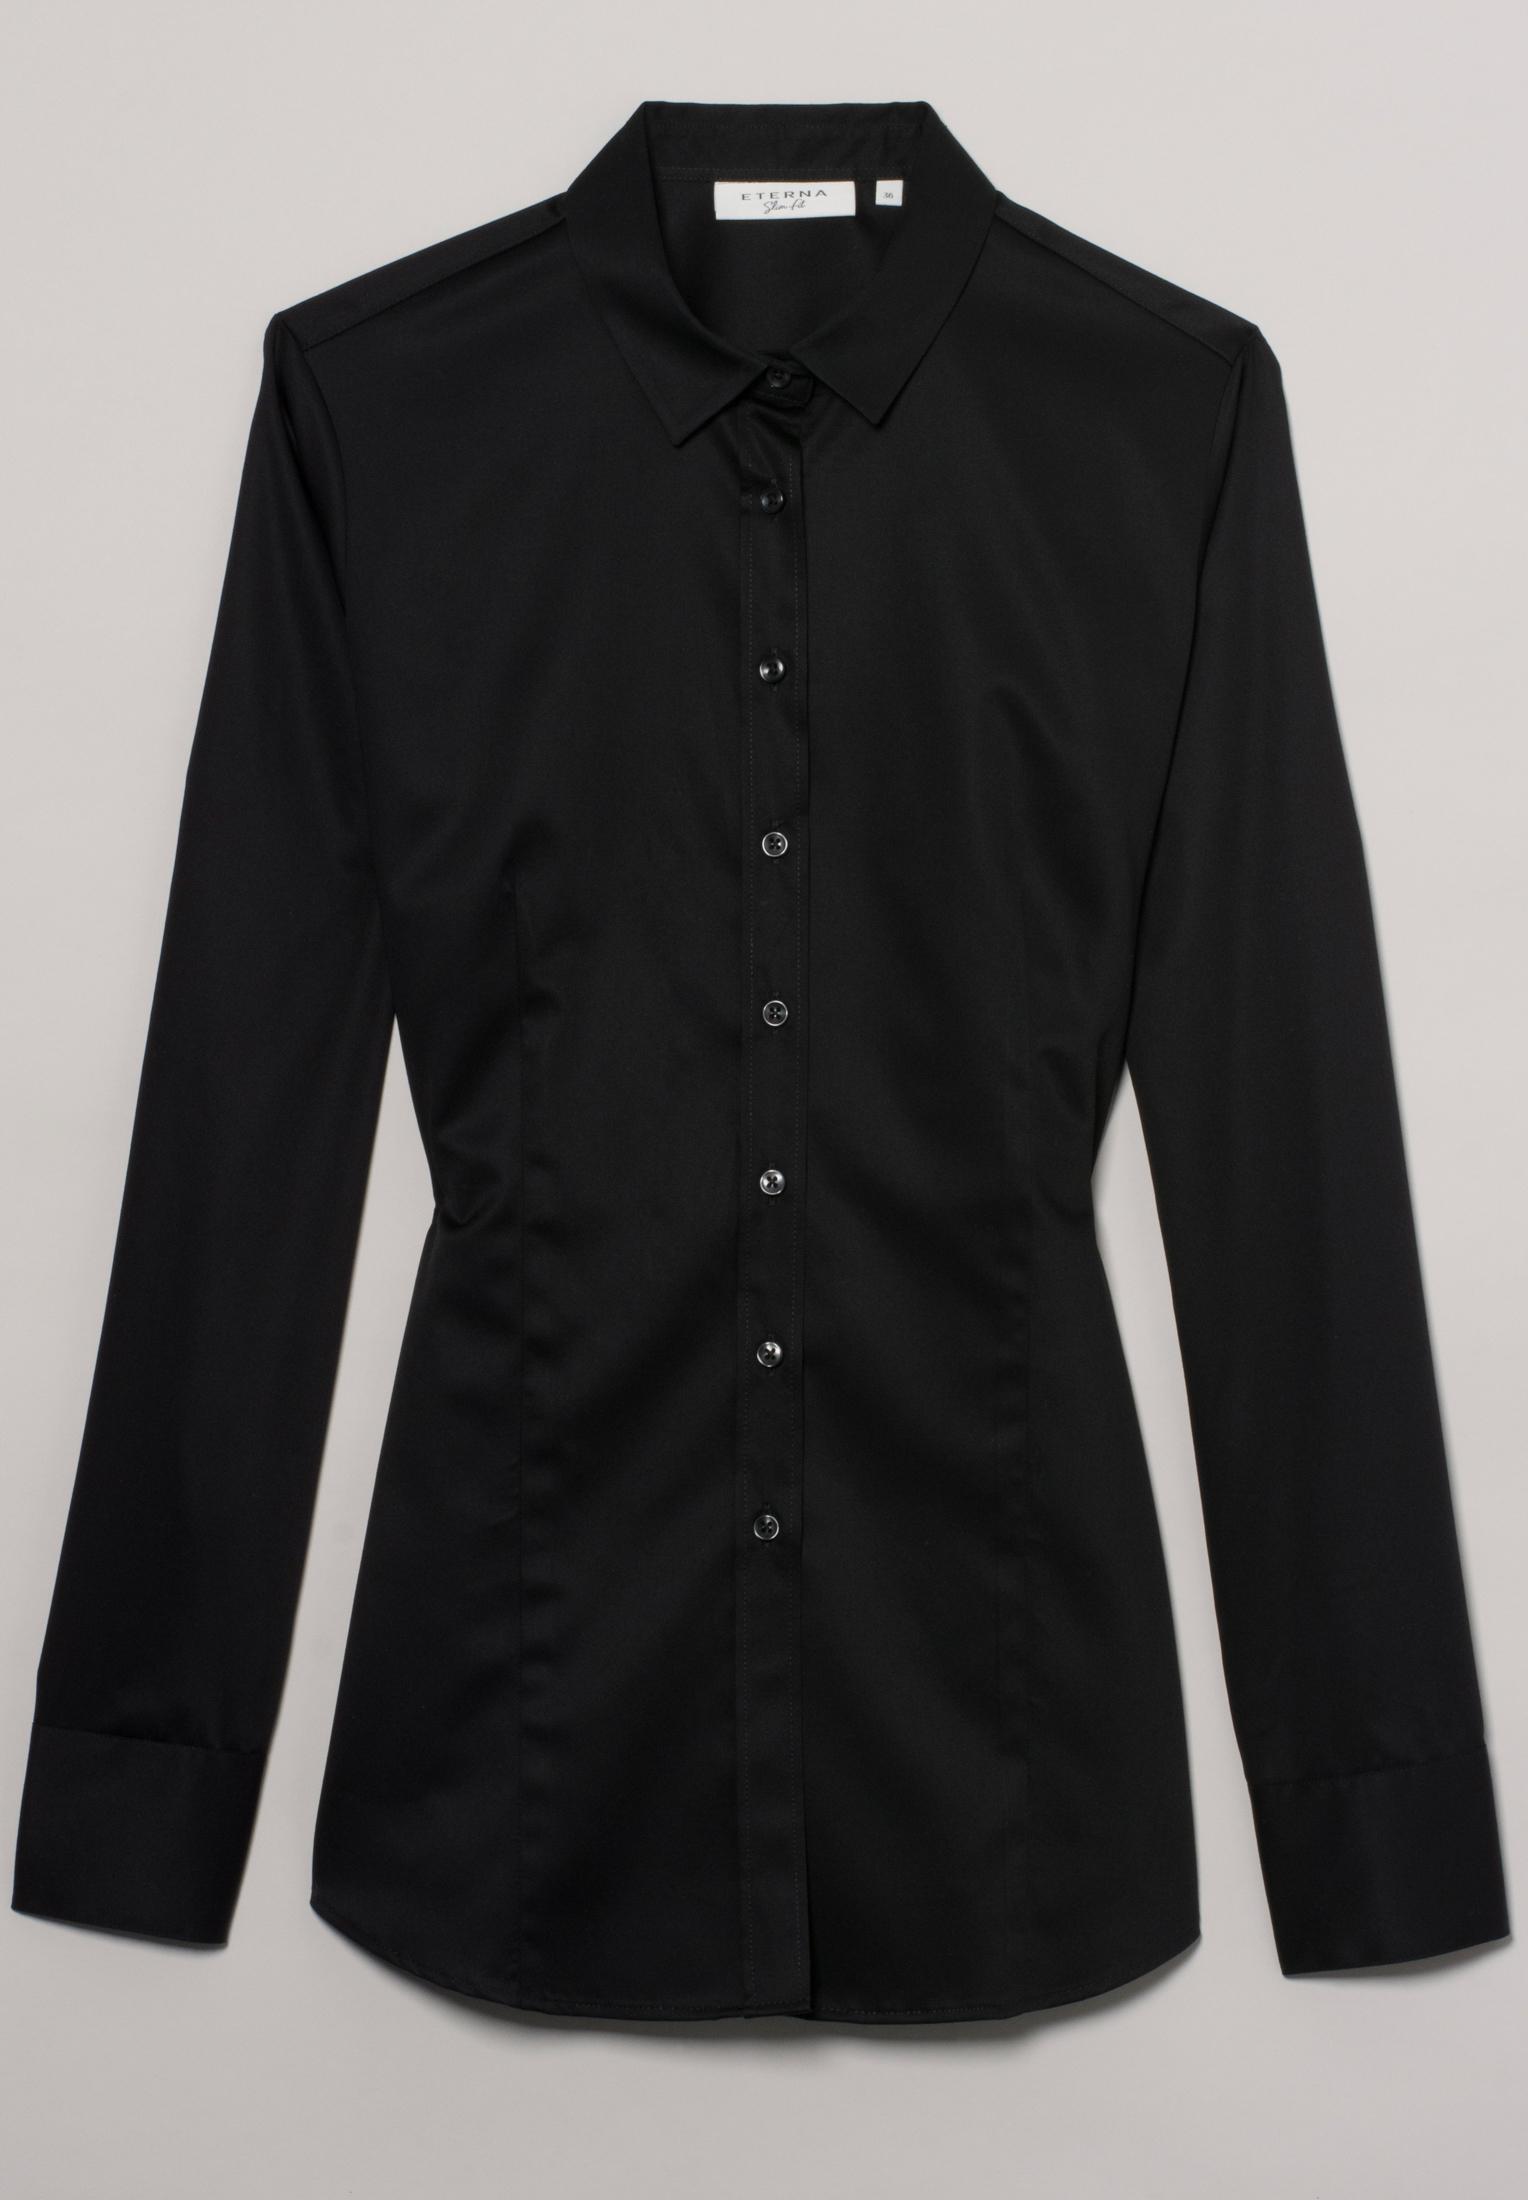 ETERNA 5352 Bluse Baumwolle, schwarz